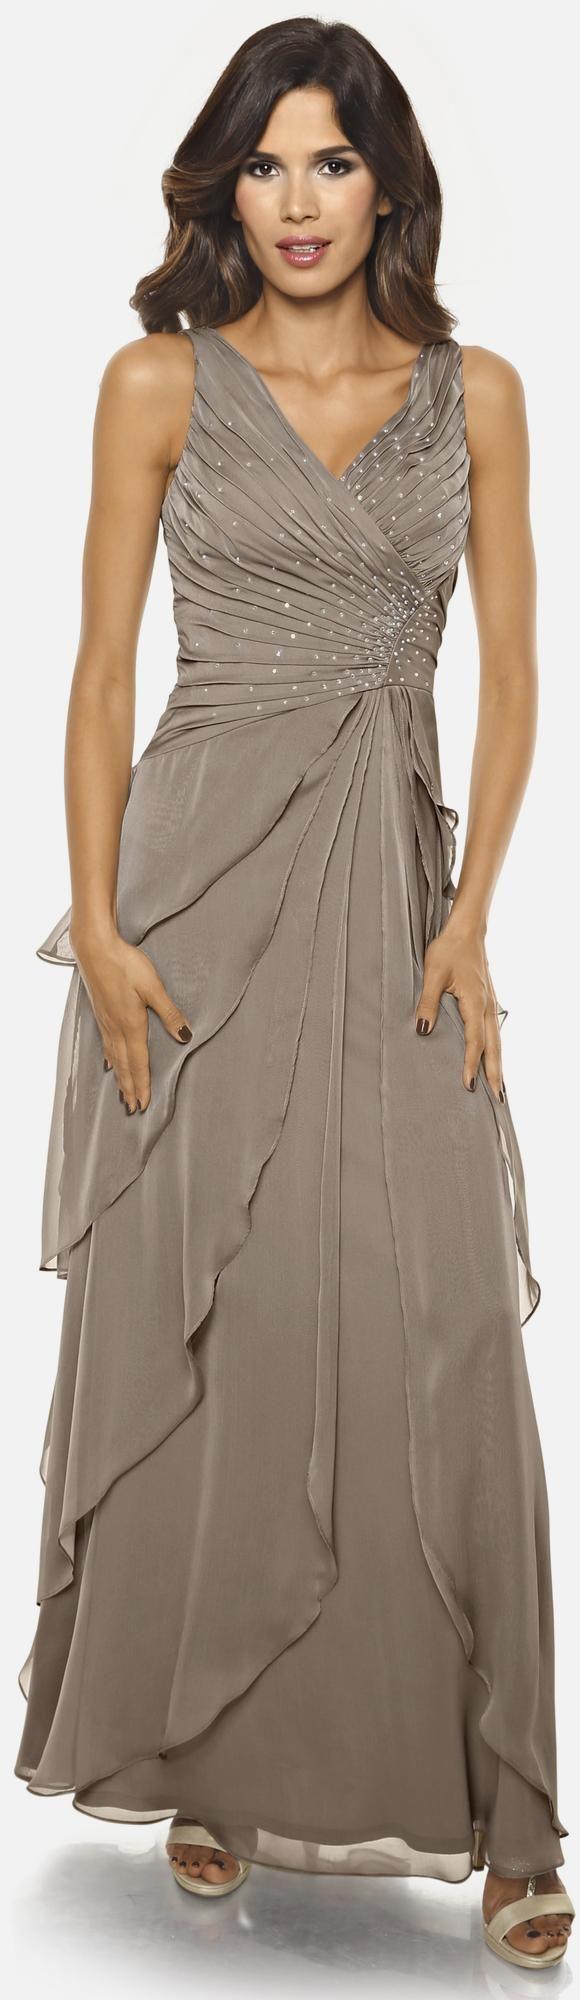 Ashley Brooke by heine Abendkleid in braun bei ABOUT YOU bestellen. ✓Versandkostenfrei ✓Zahlung auf Rechnung ✓kostenlose Retoure